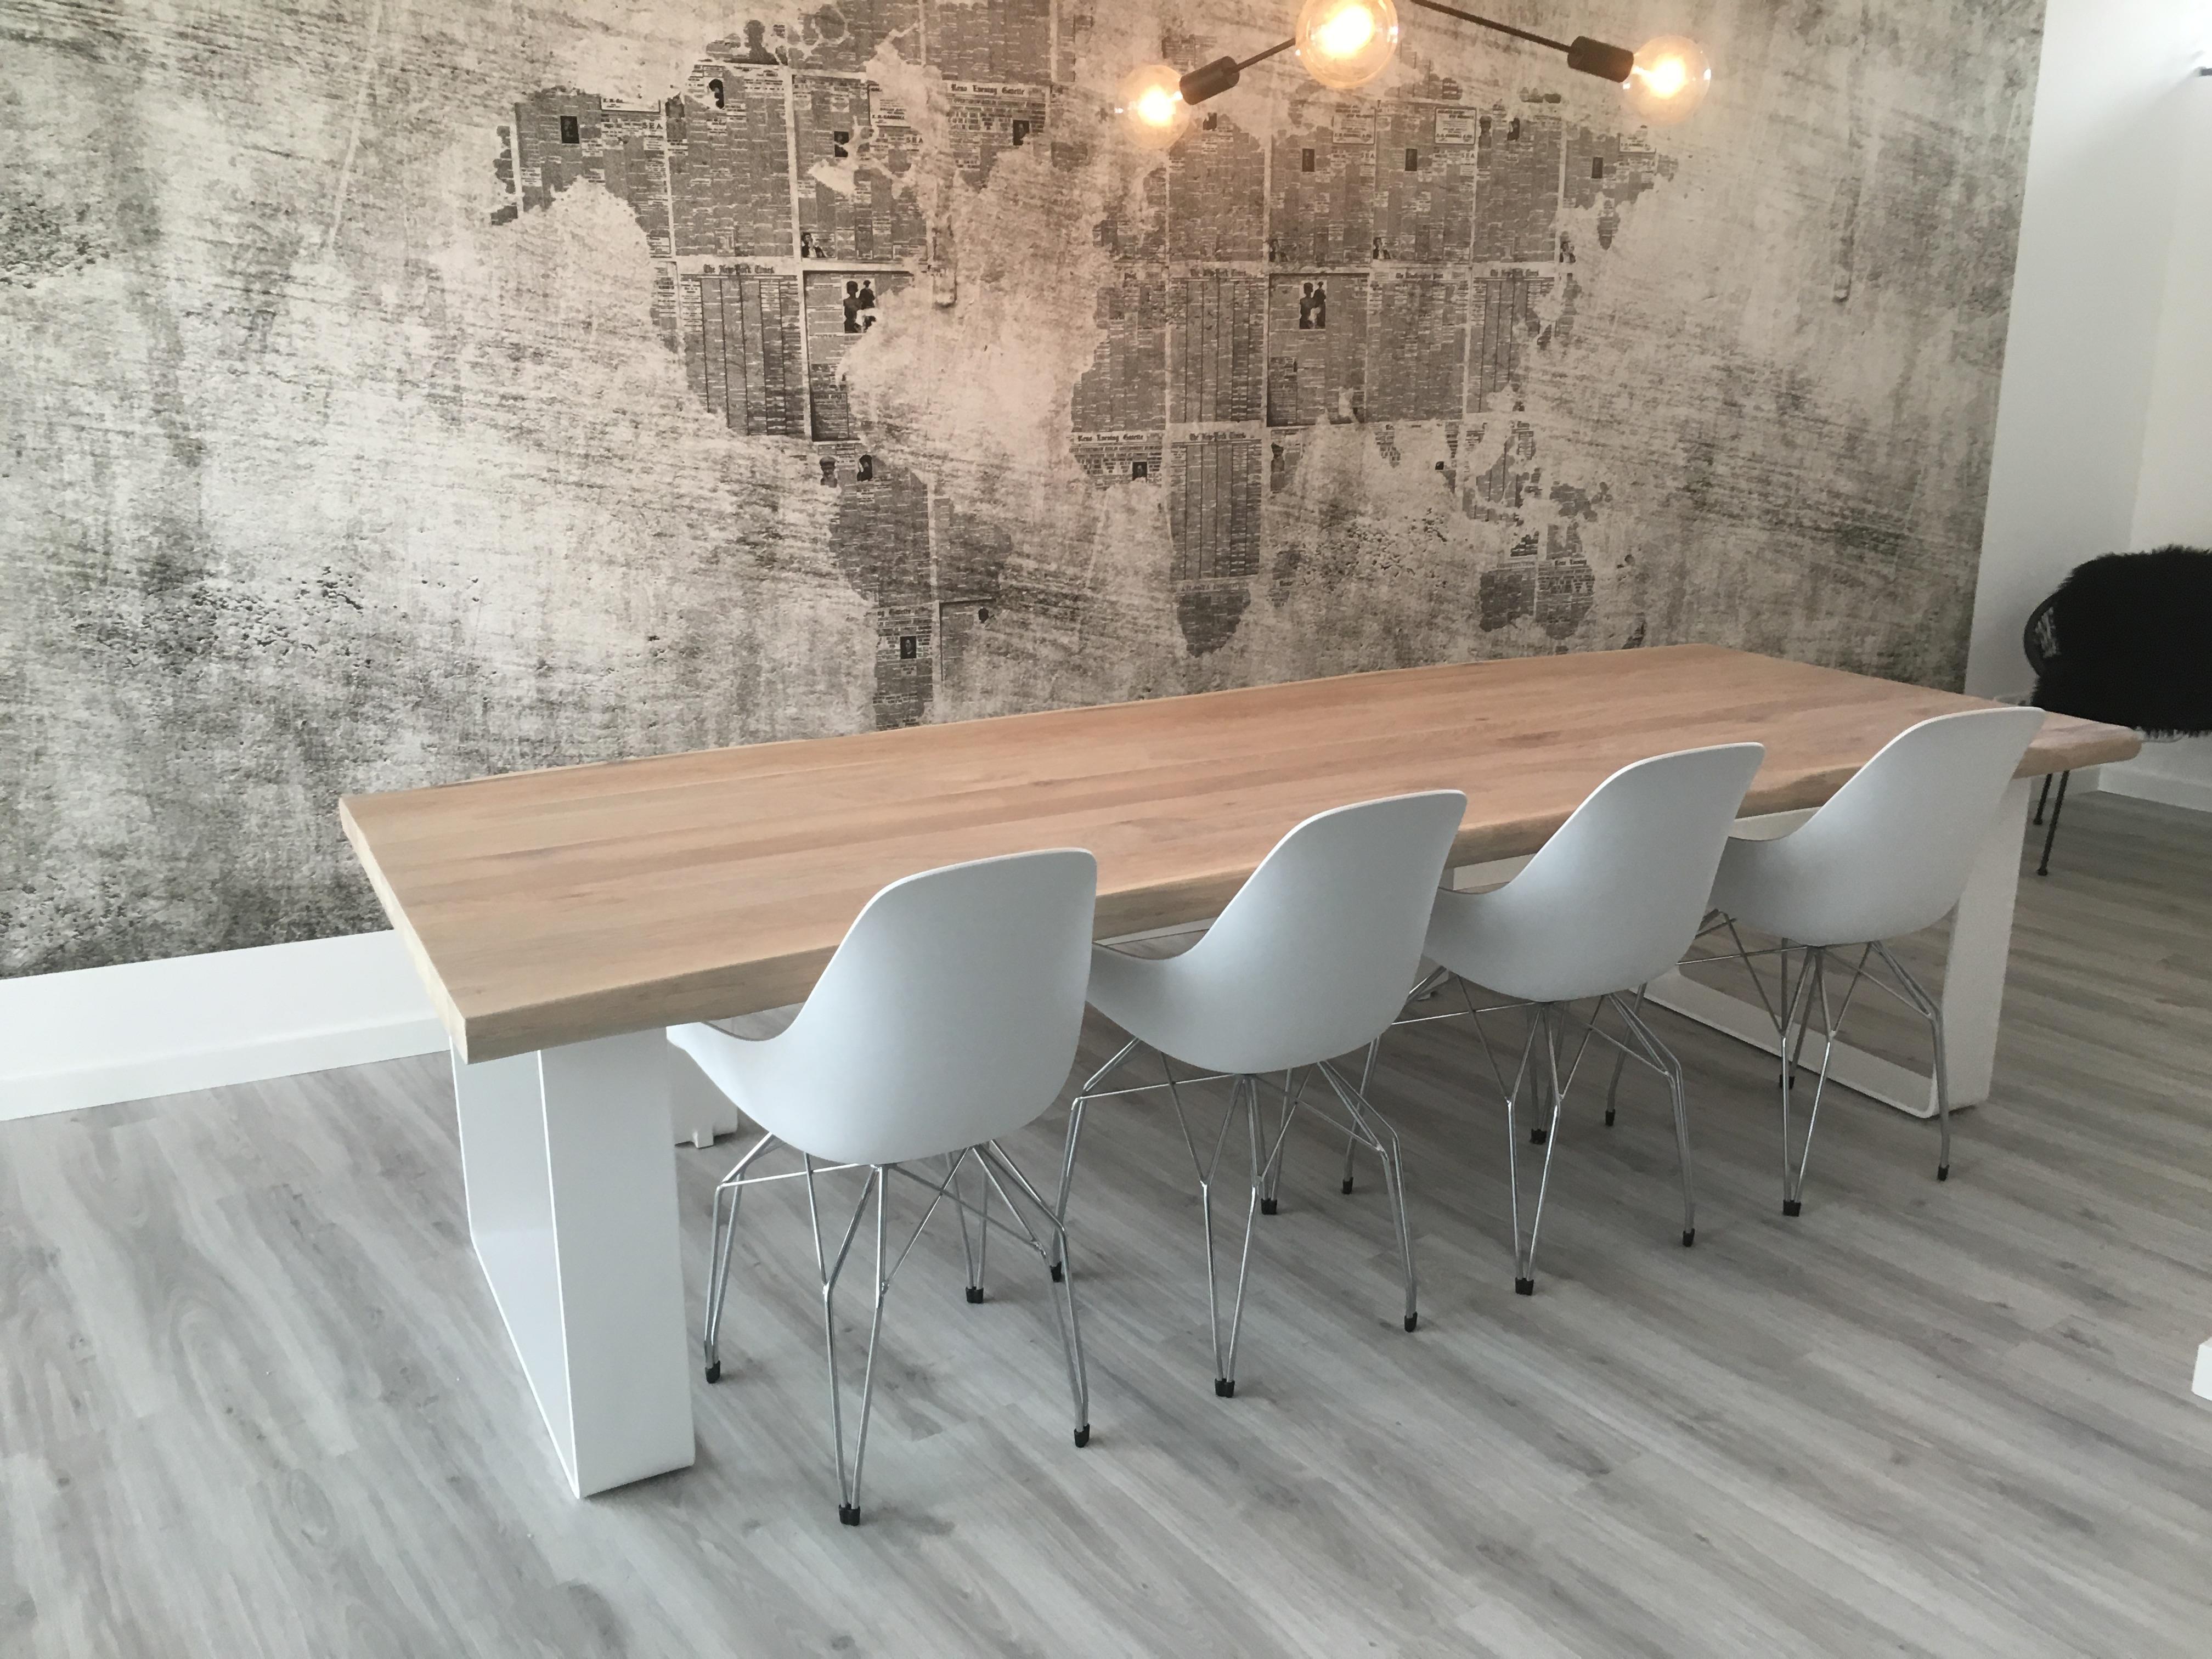 Toffe tafels strakke eettafels for Witte moderne stoelen